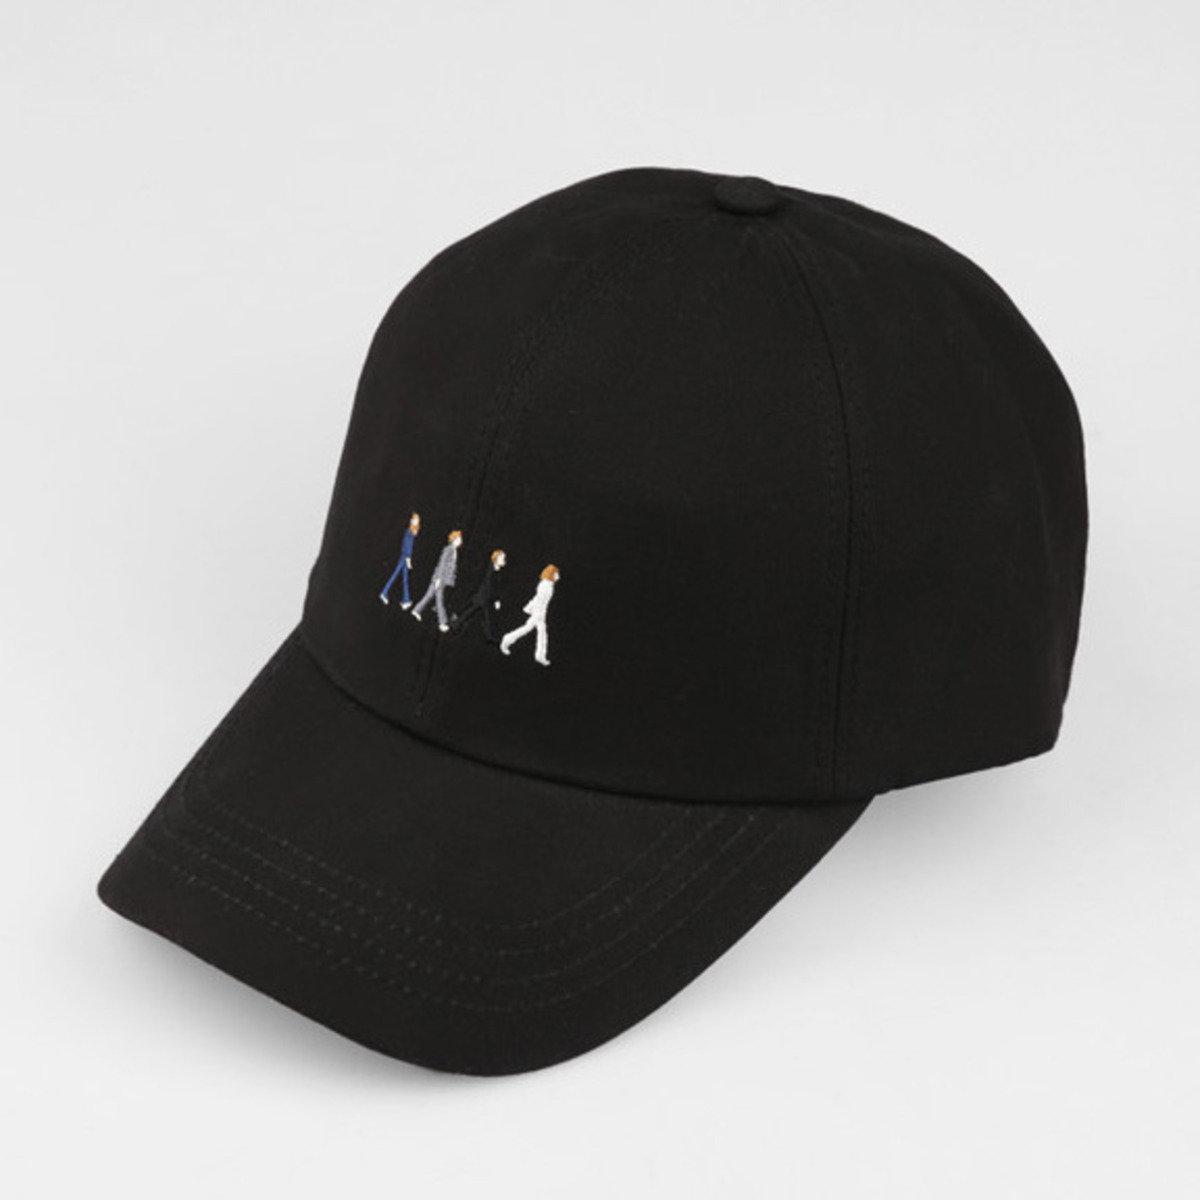 公仔棒球帽_CA1_160219709